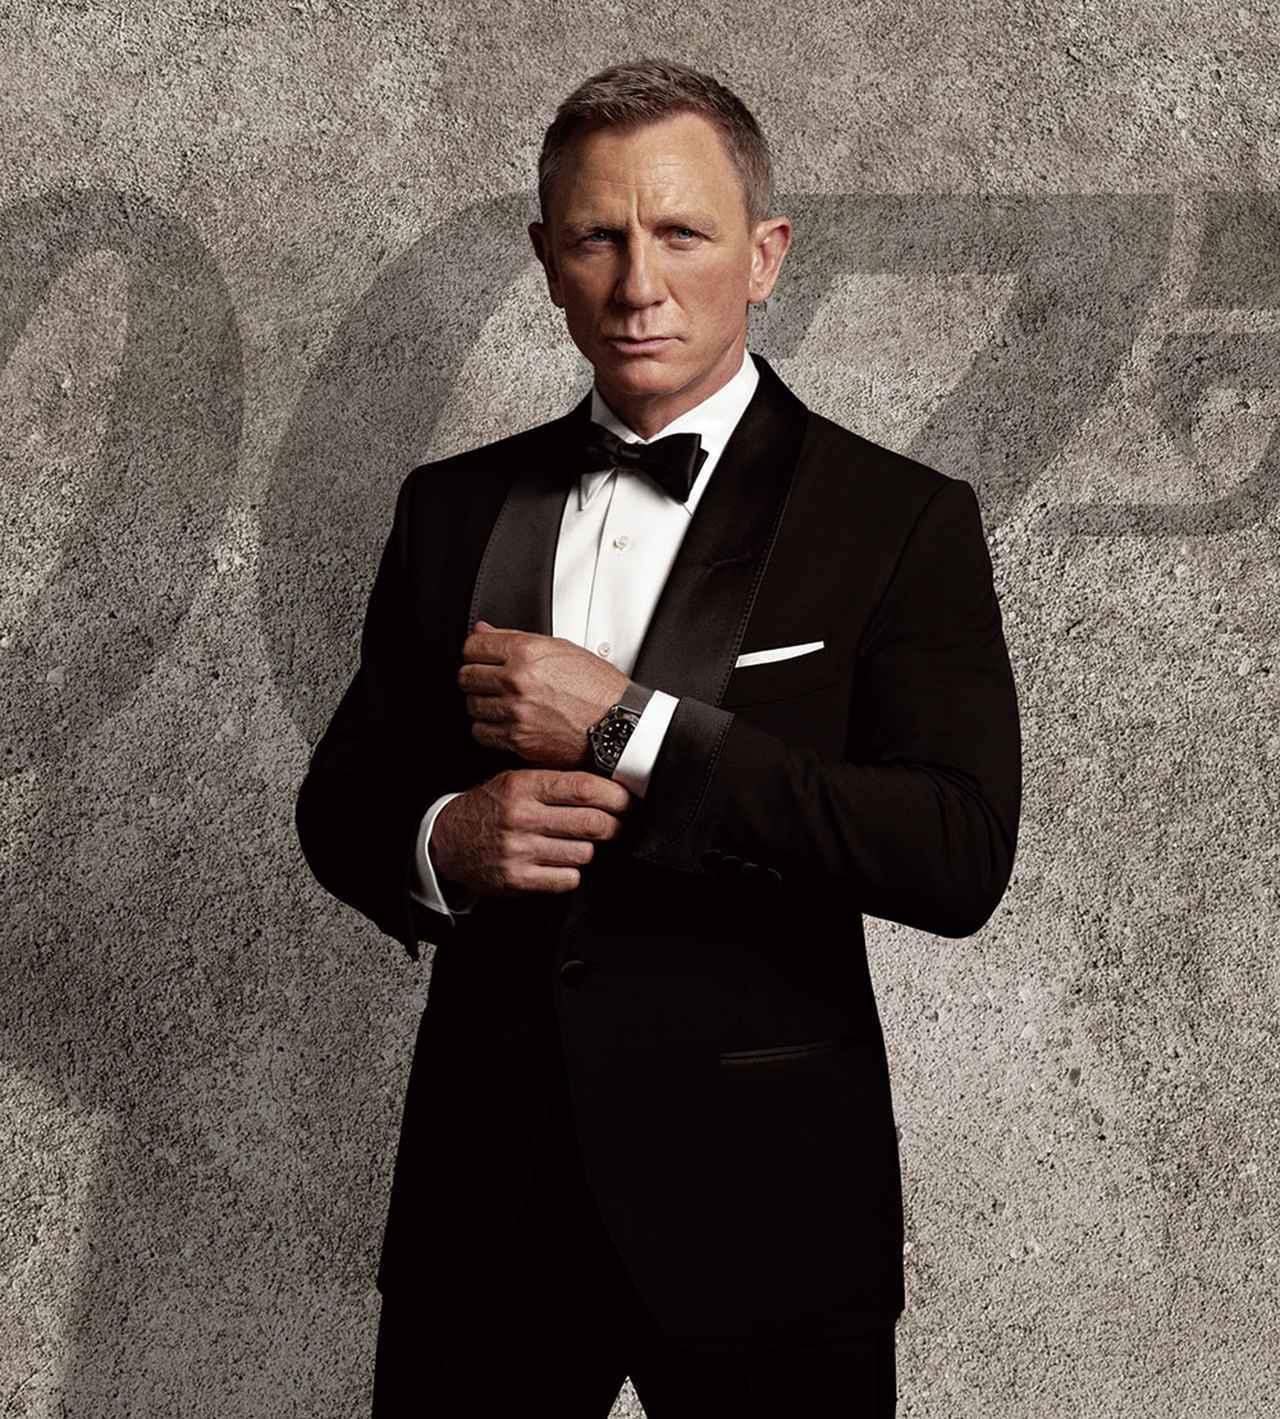 画像1: ダニエル・クレイグがこだわった「007/ノー・タイム・トゥ・ダイ」でボンドが着用する新タイムピース